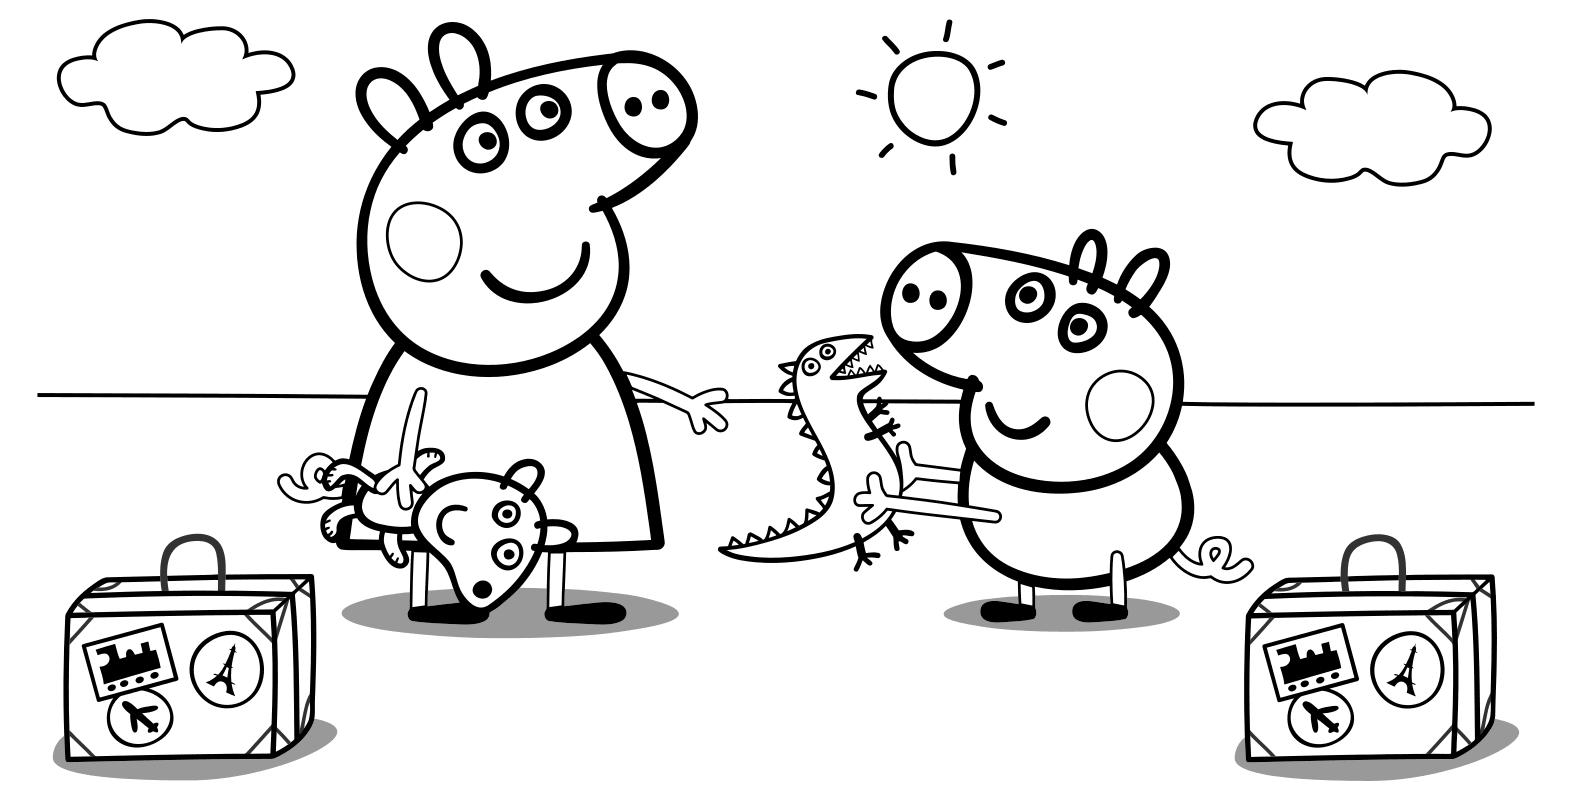 Раскраска - Свинка Пеппа - Свинка Пеппа и Джордж c ...